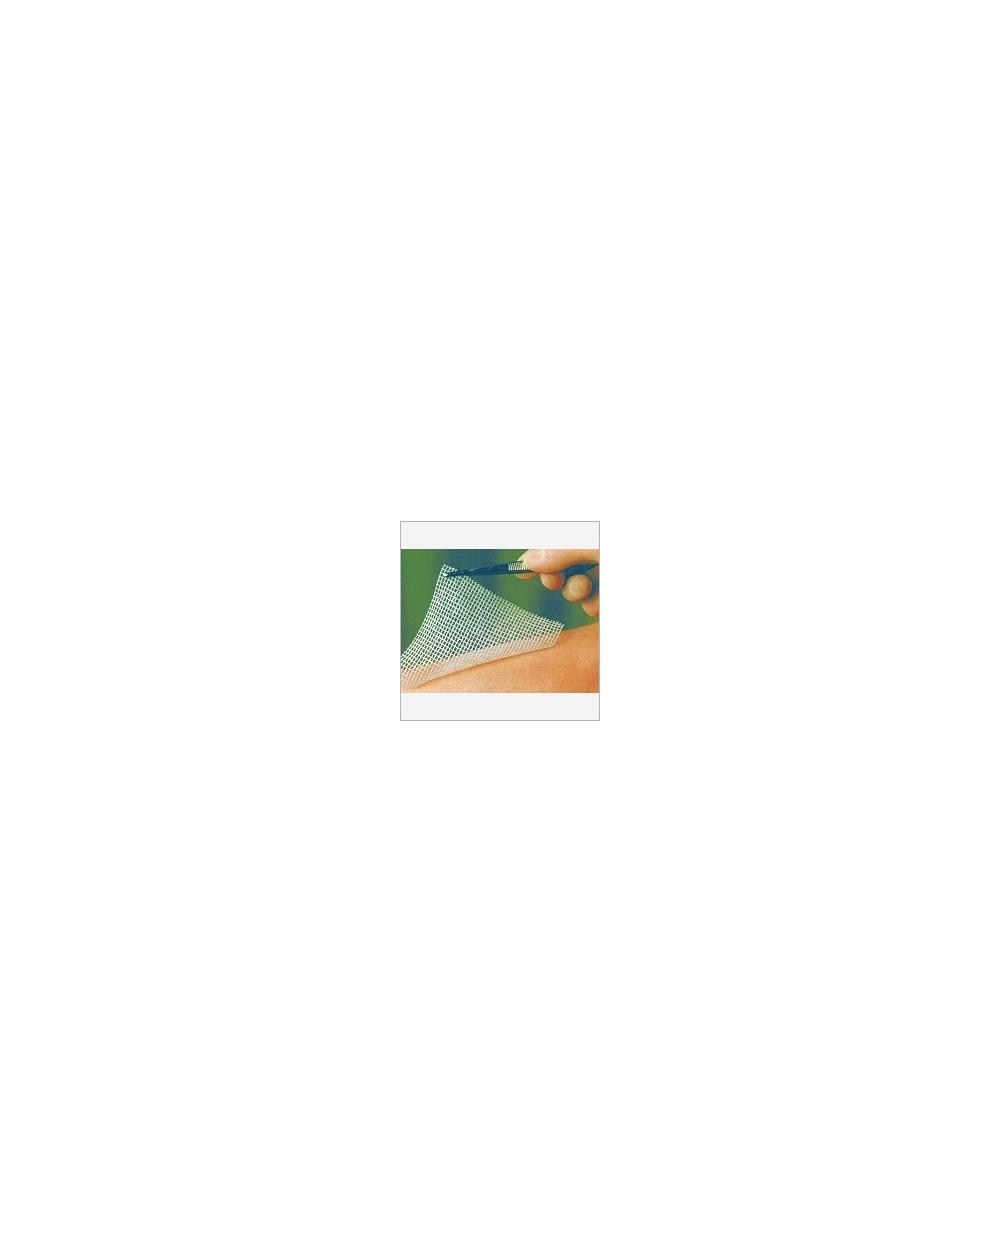 Pansements Meditulle, 10 x 10 cm, stérile. Boîte de 10